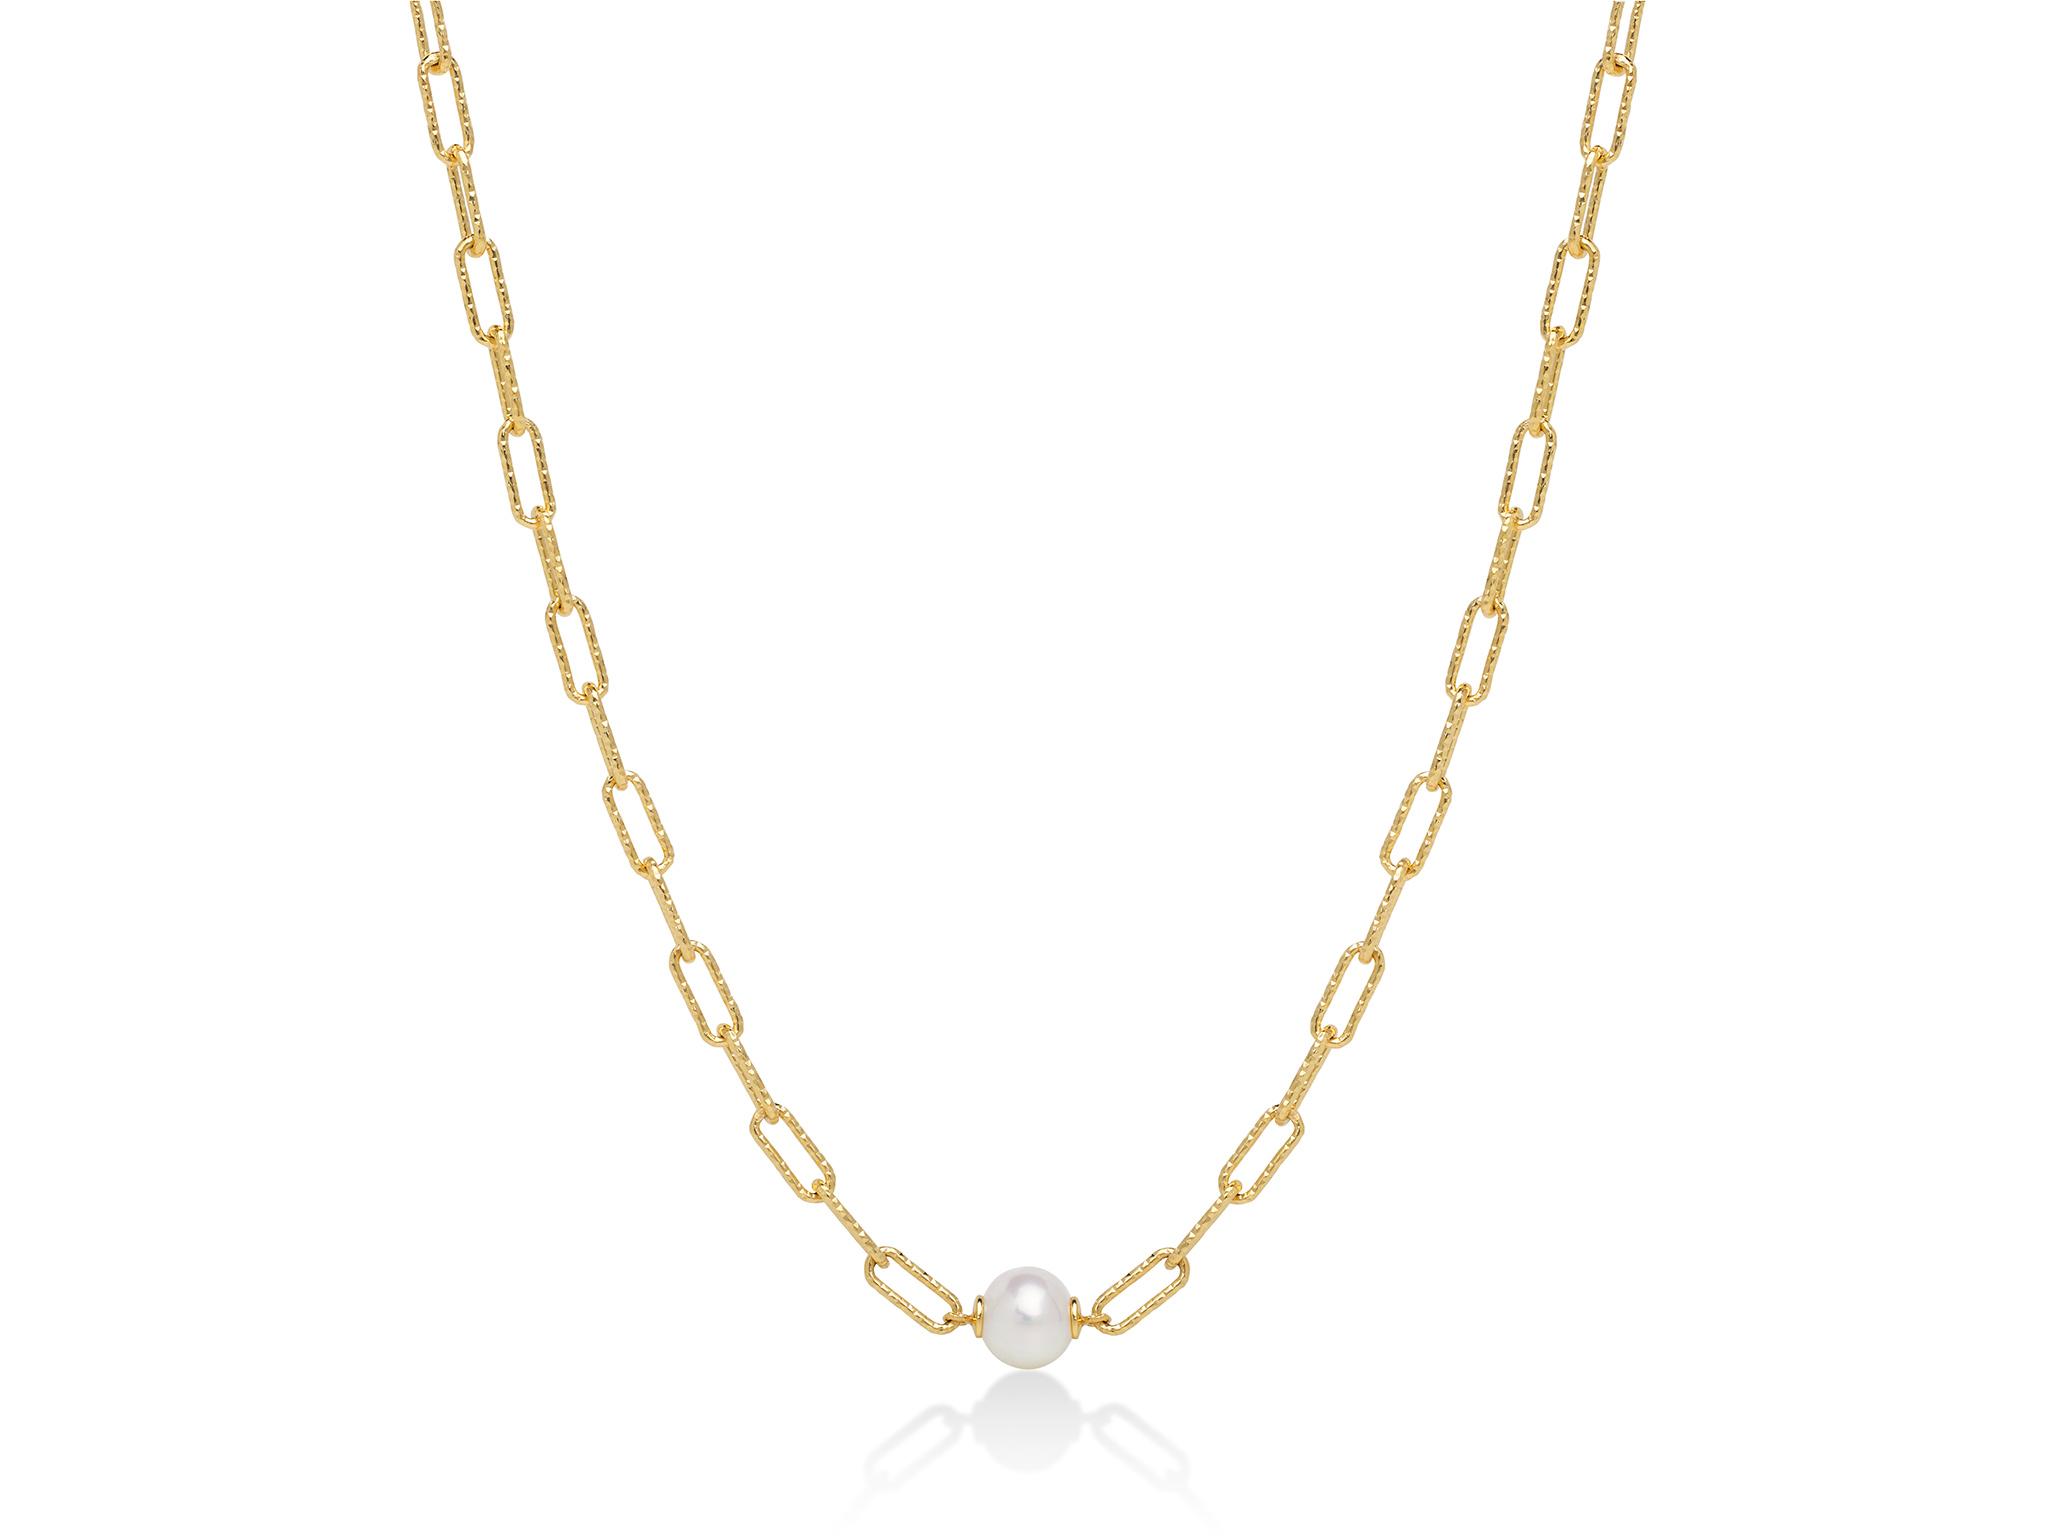 Collana con catena a maglia, in argento con perla. - PCL6021B